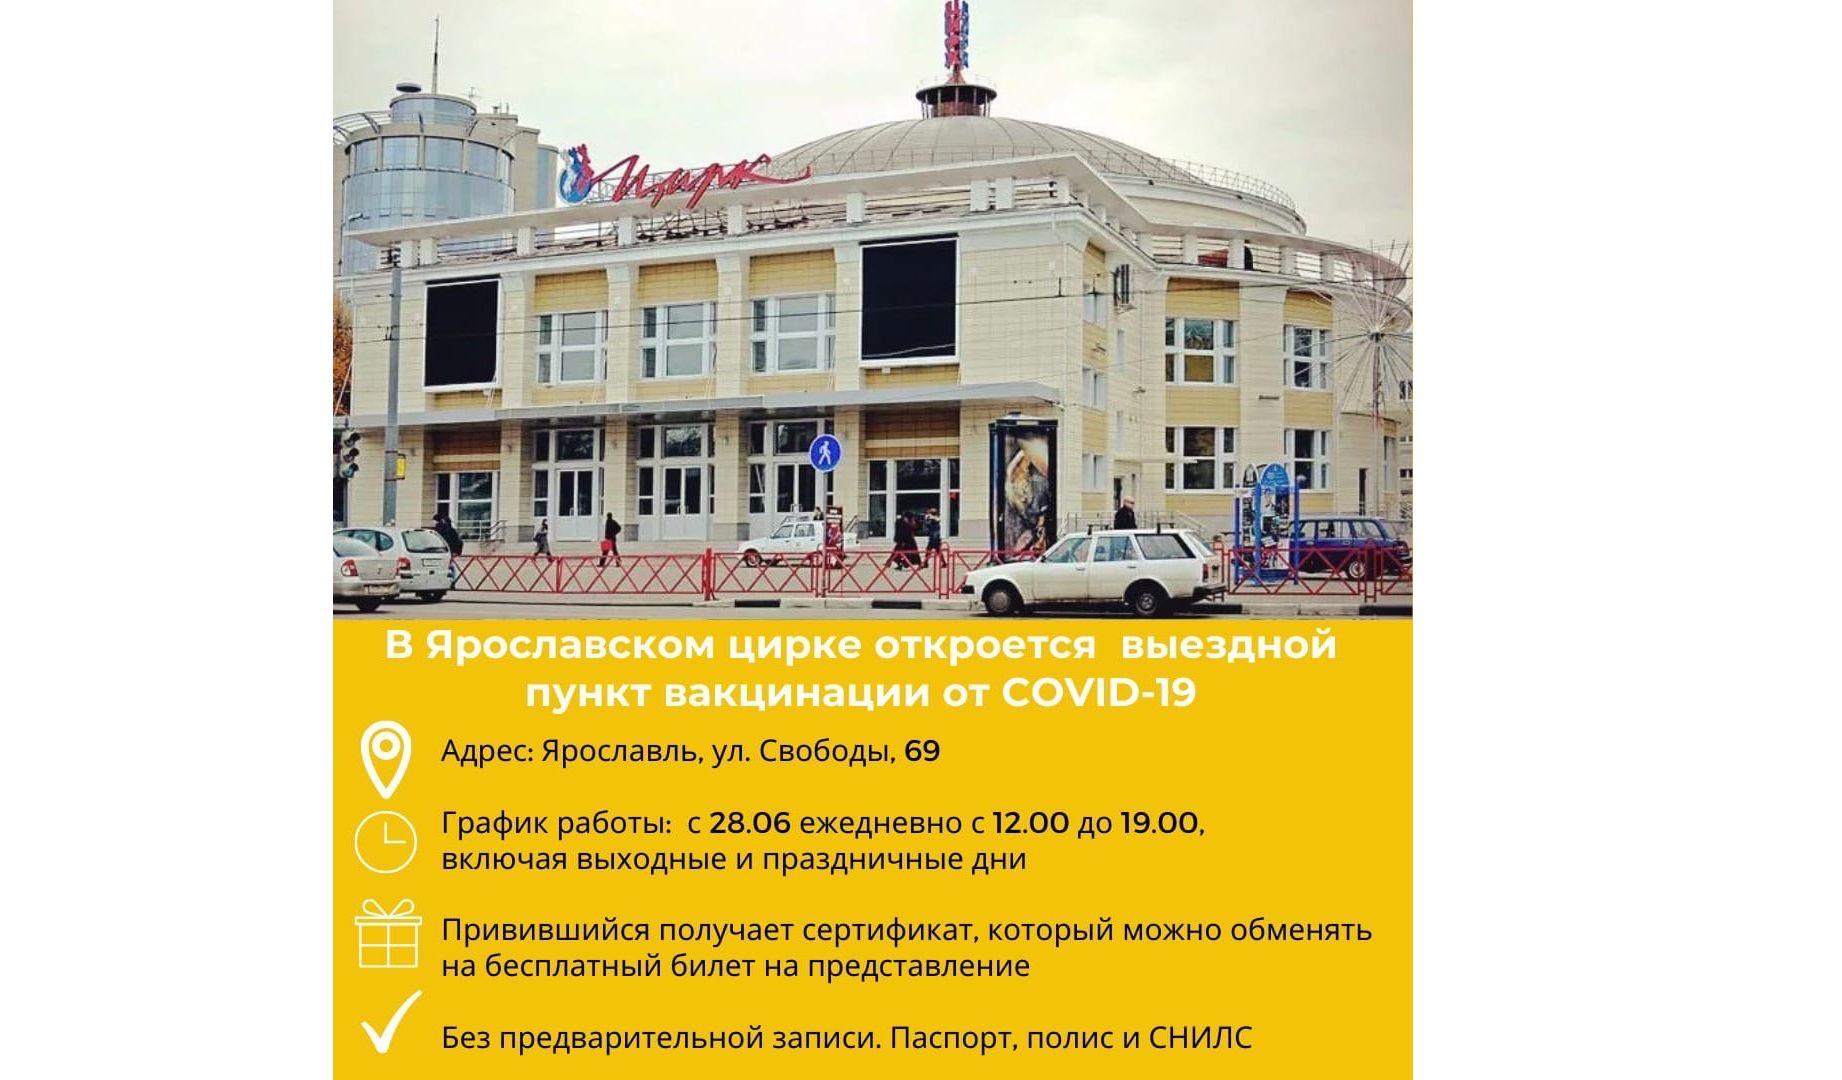 В Ярославском цирке будут делать прививки от коронавируса и давать за вакцинацию бесплатные билеты